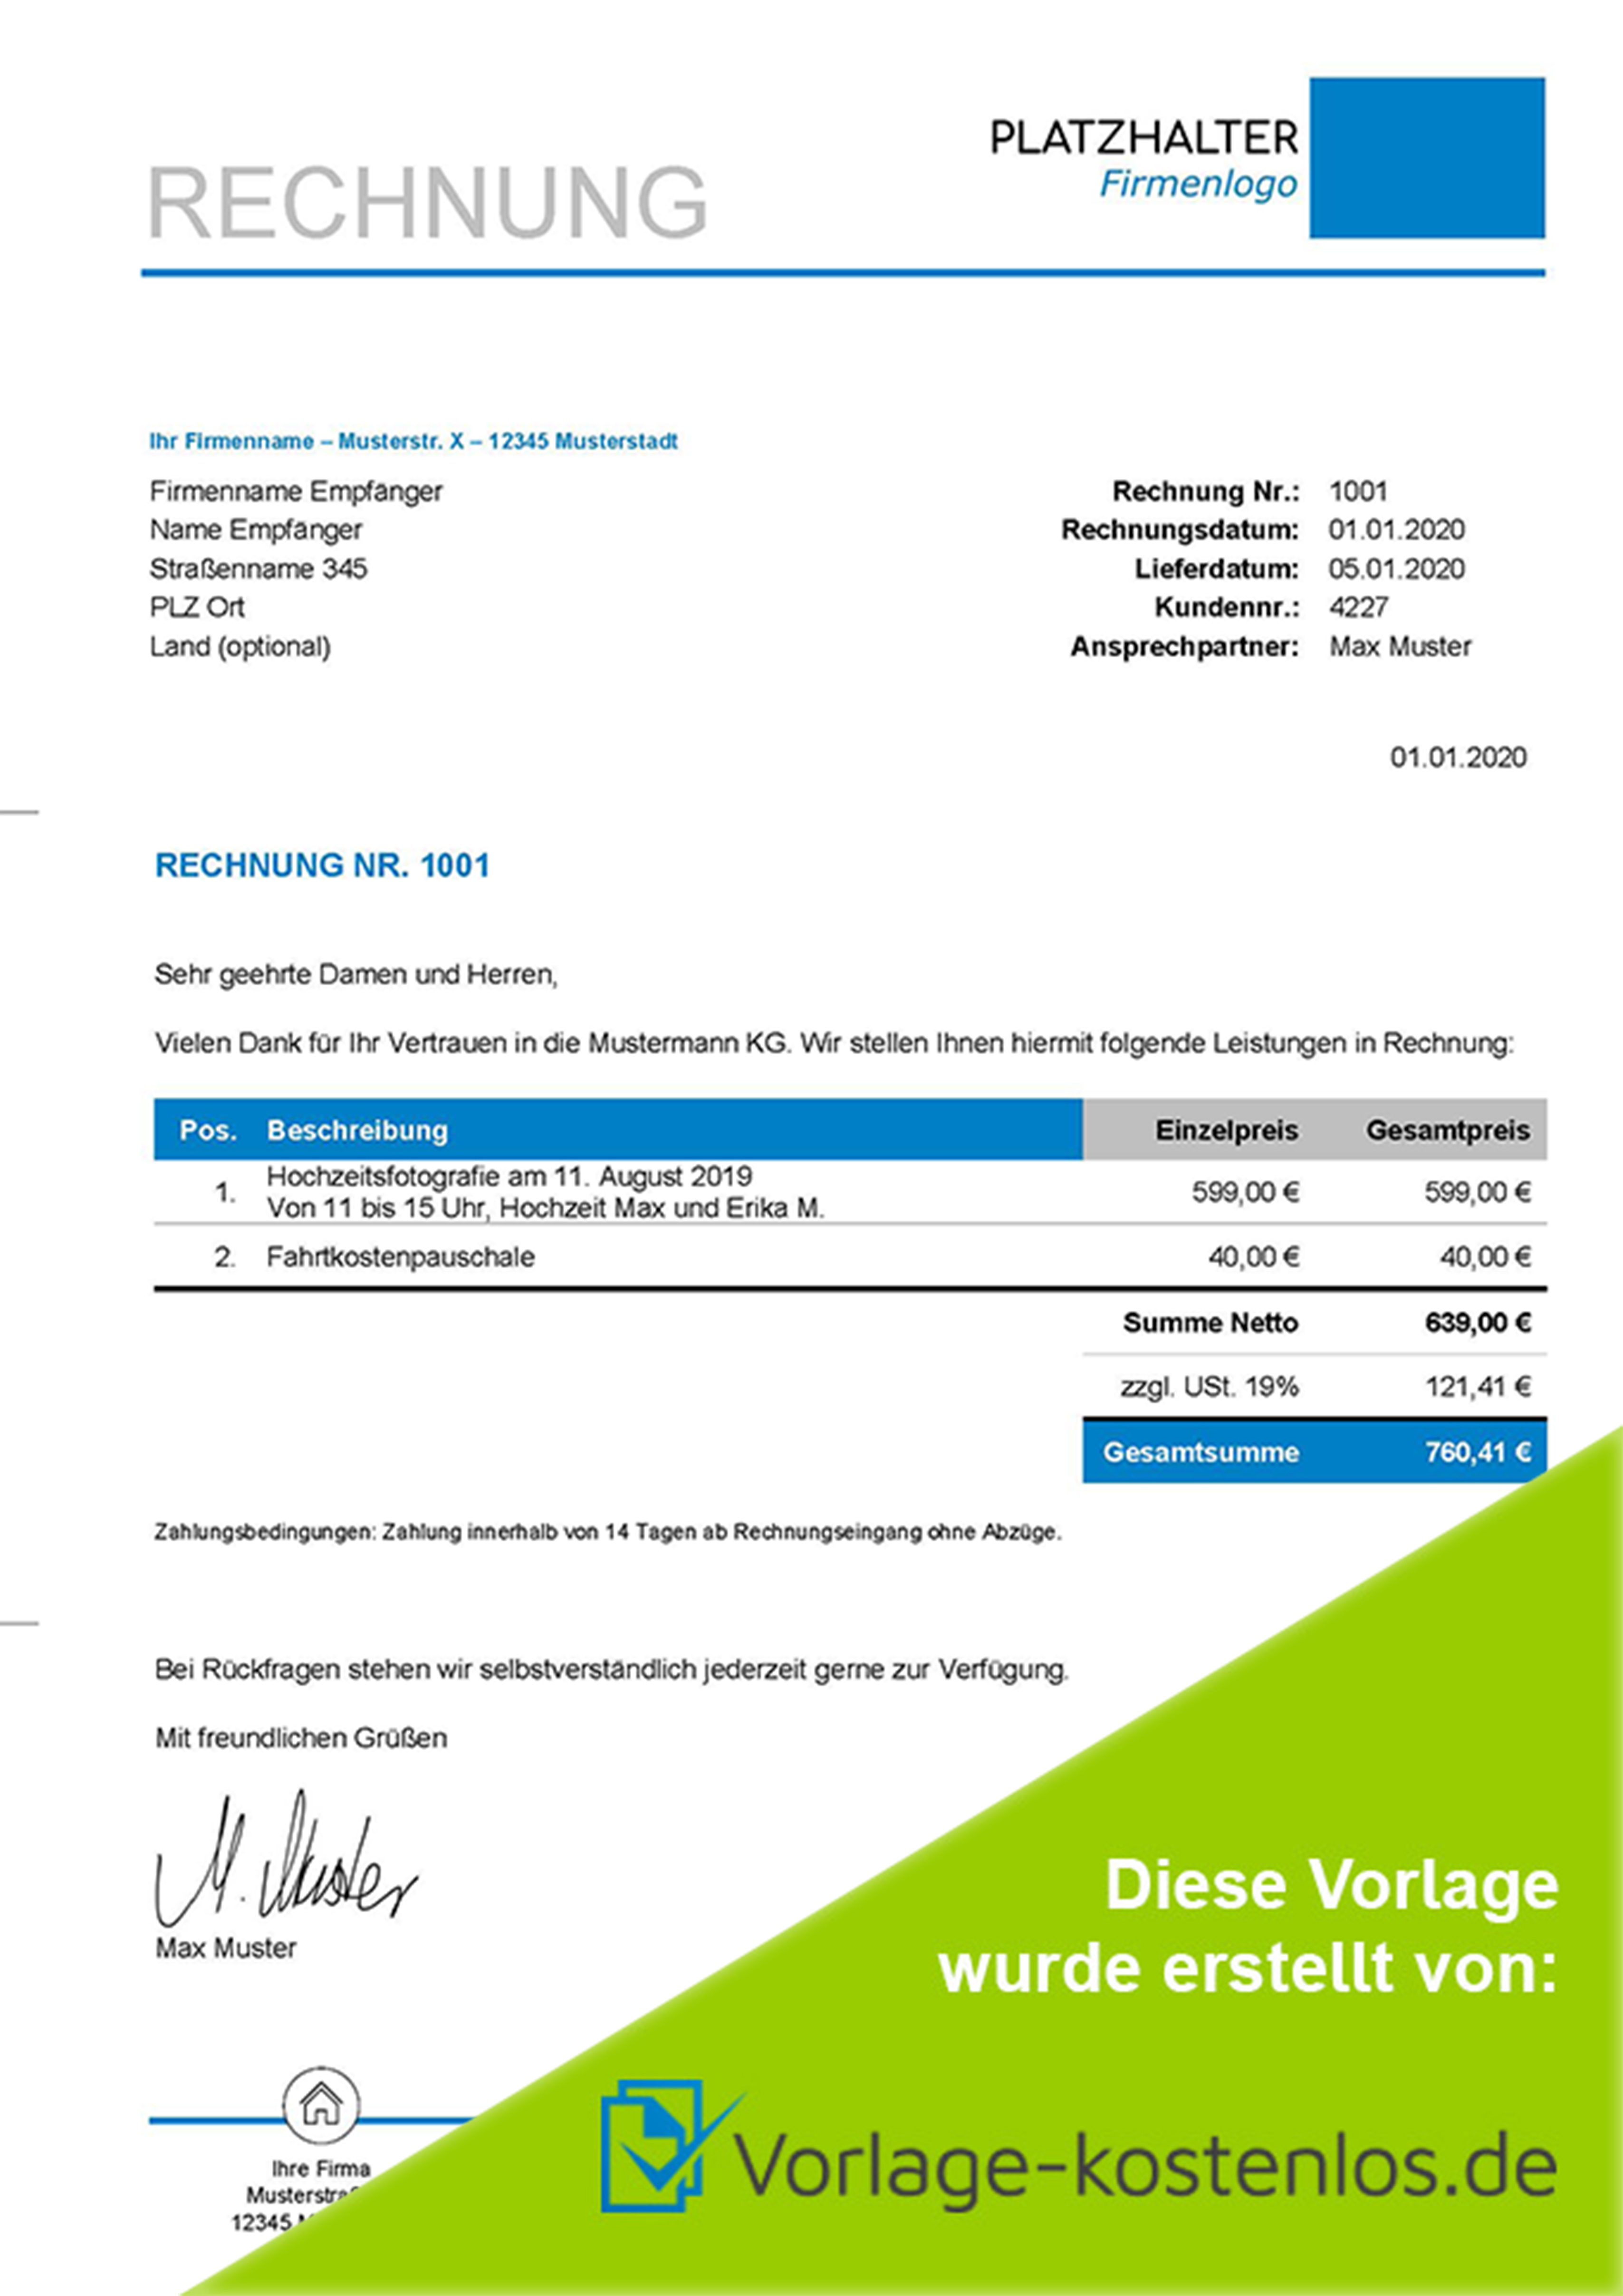 Rechnungsvorlage Fotograf Muster-Beispiel & Vordruck zum Download von vorlage-kostenlos.de